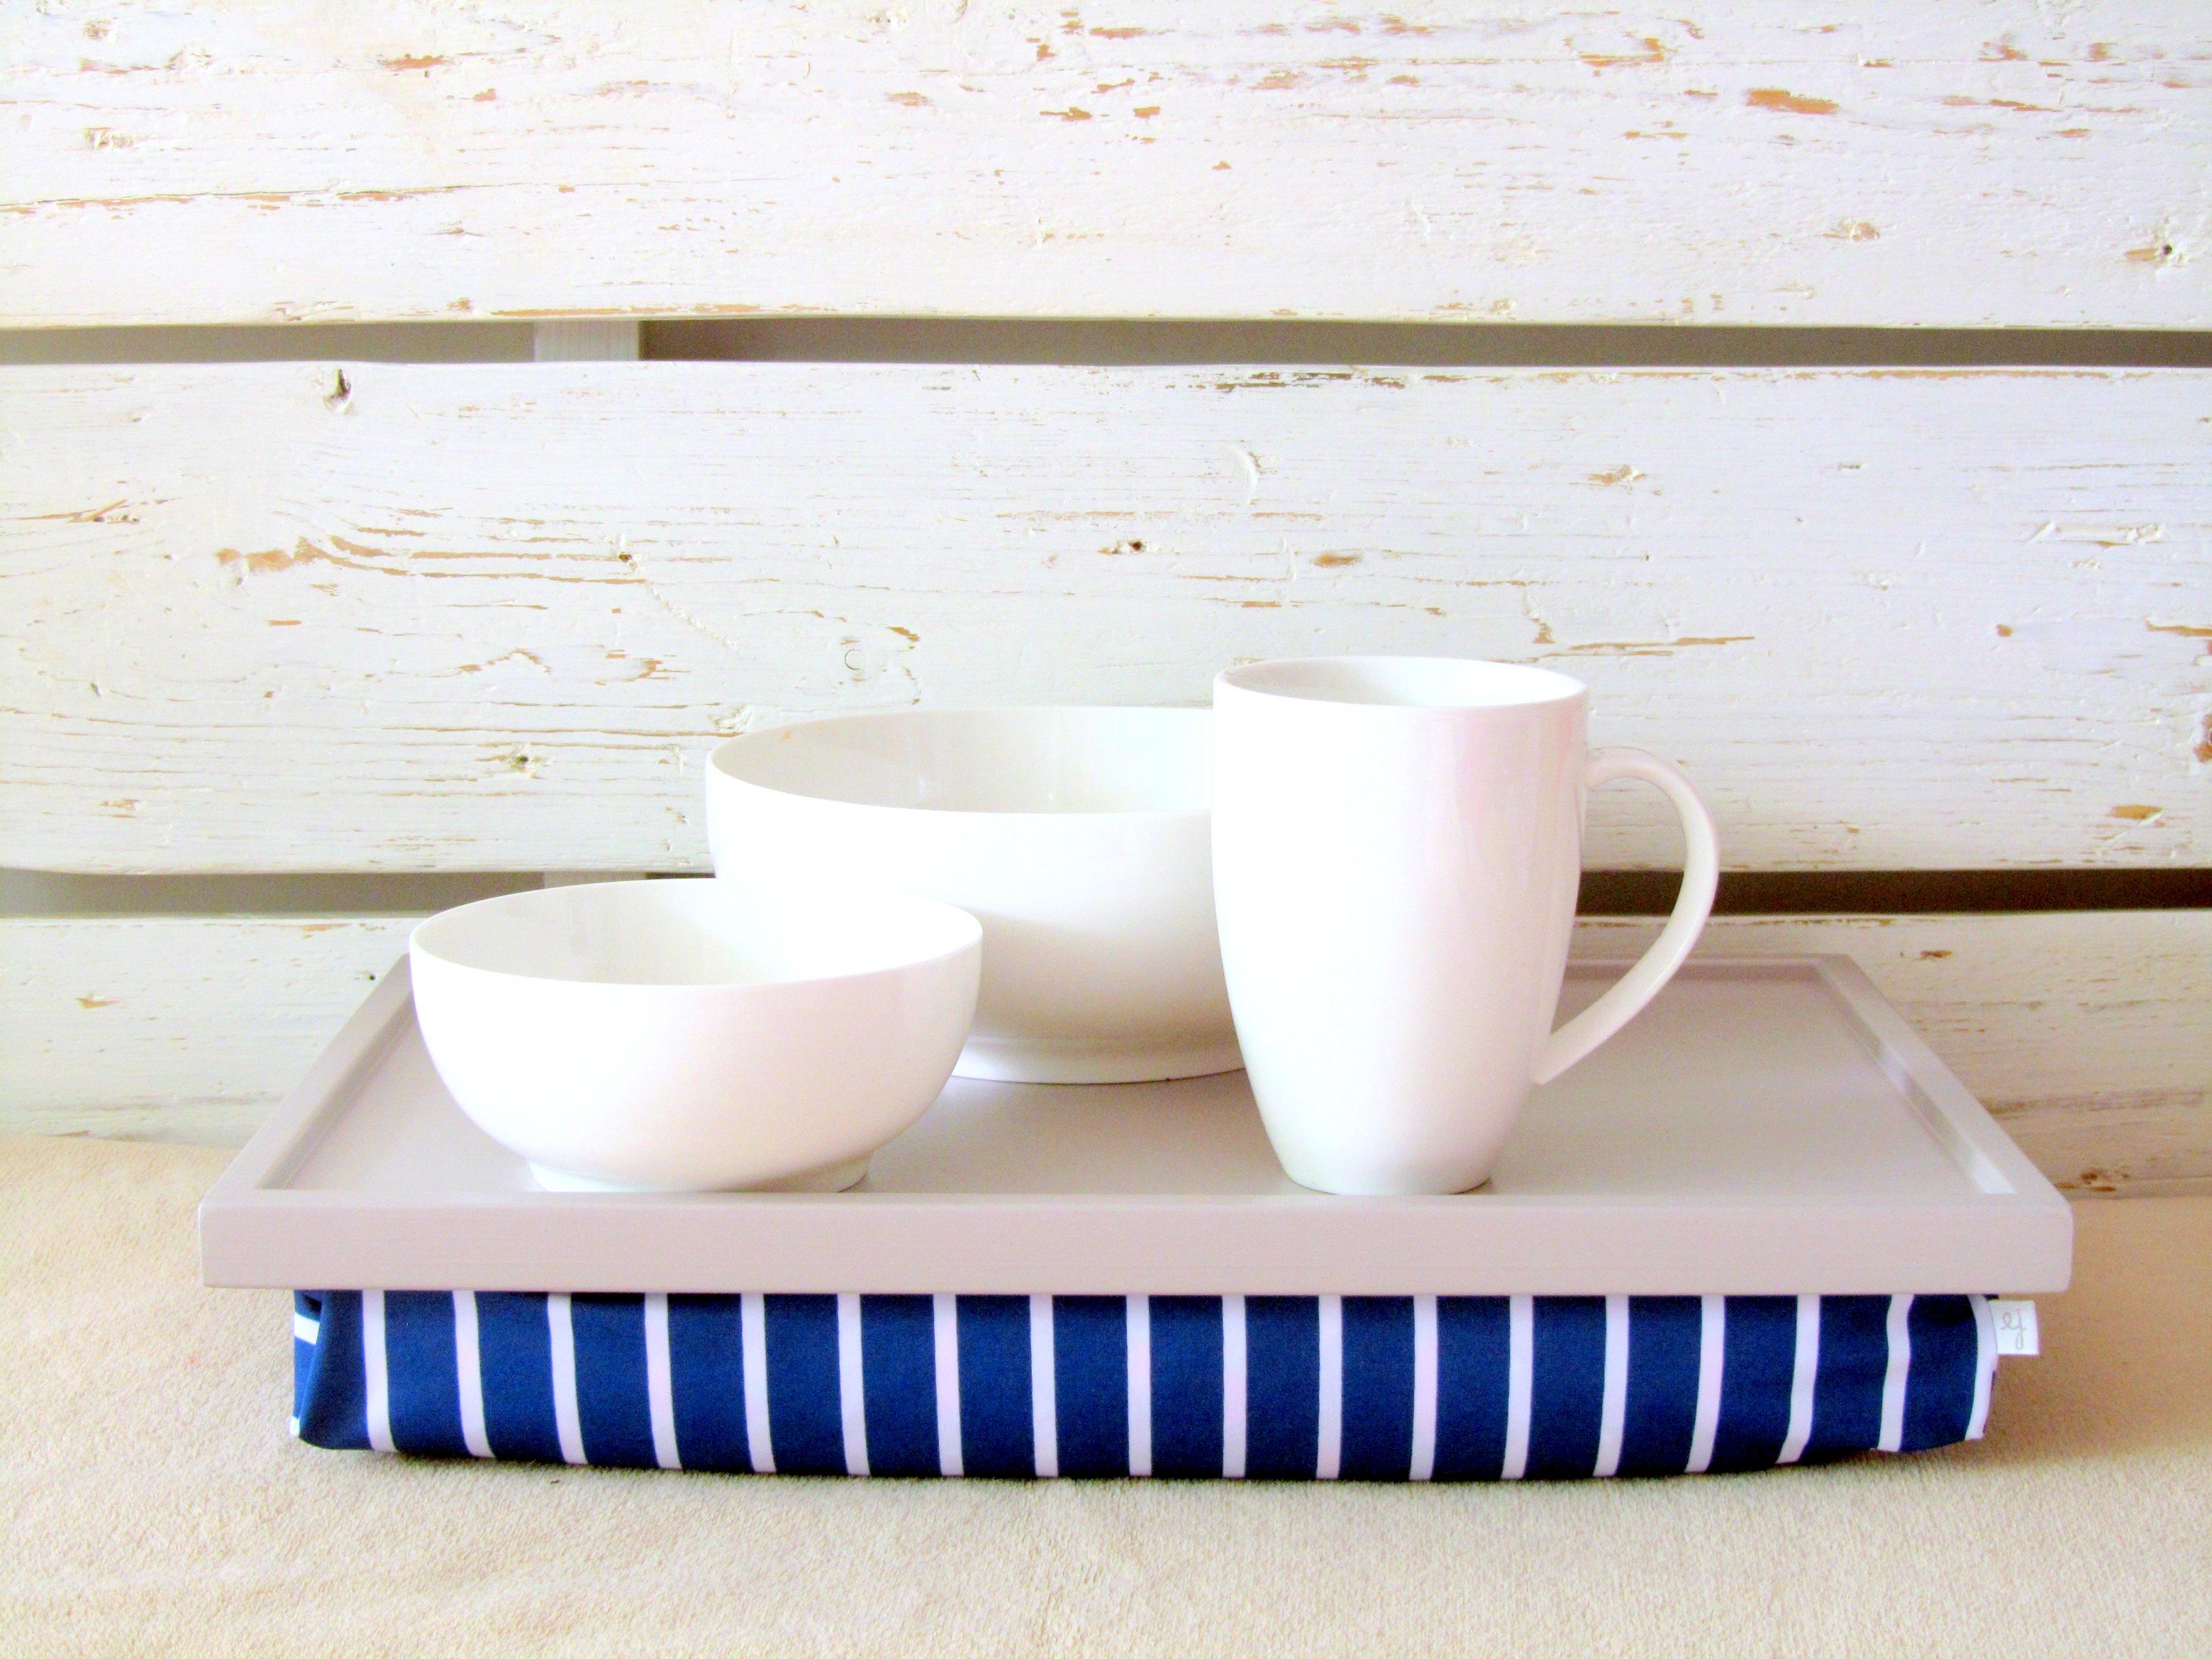 new breakfast tray gray - photo #25